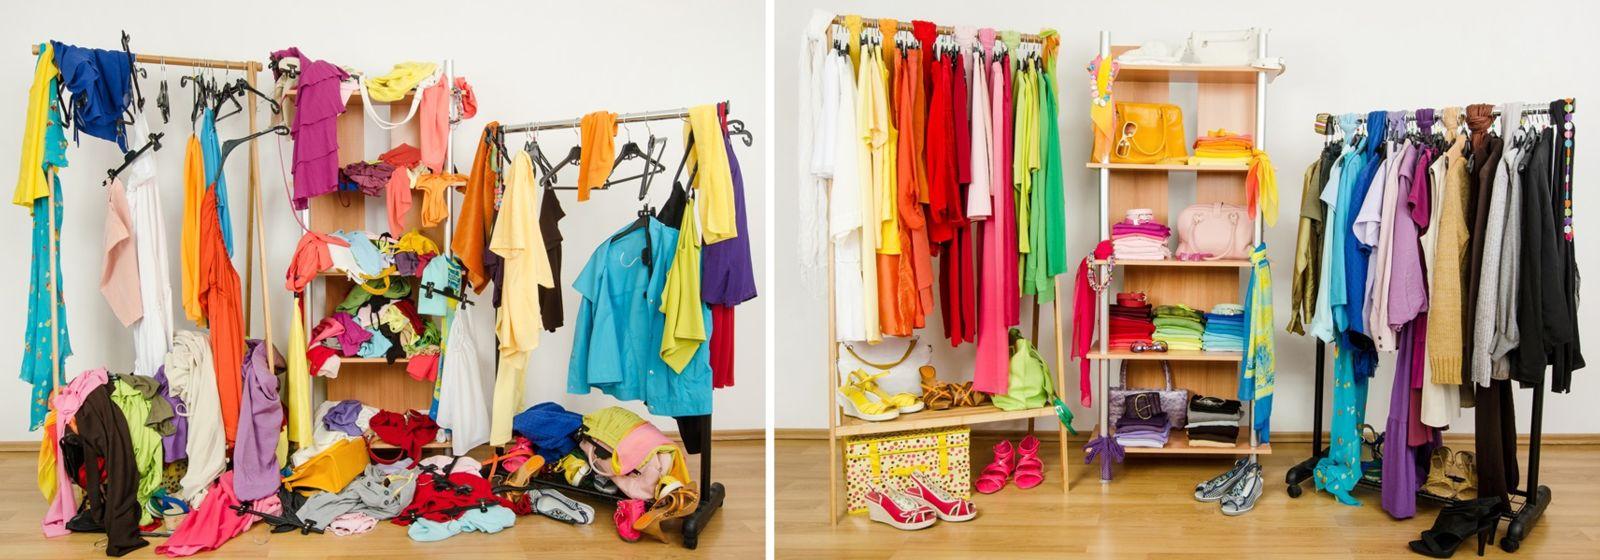 SEO Closets